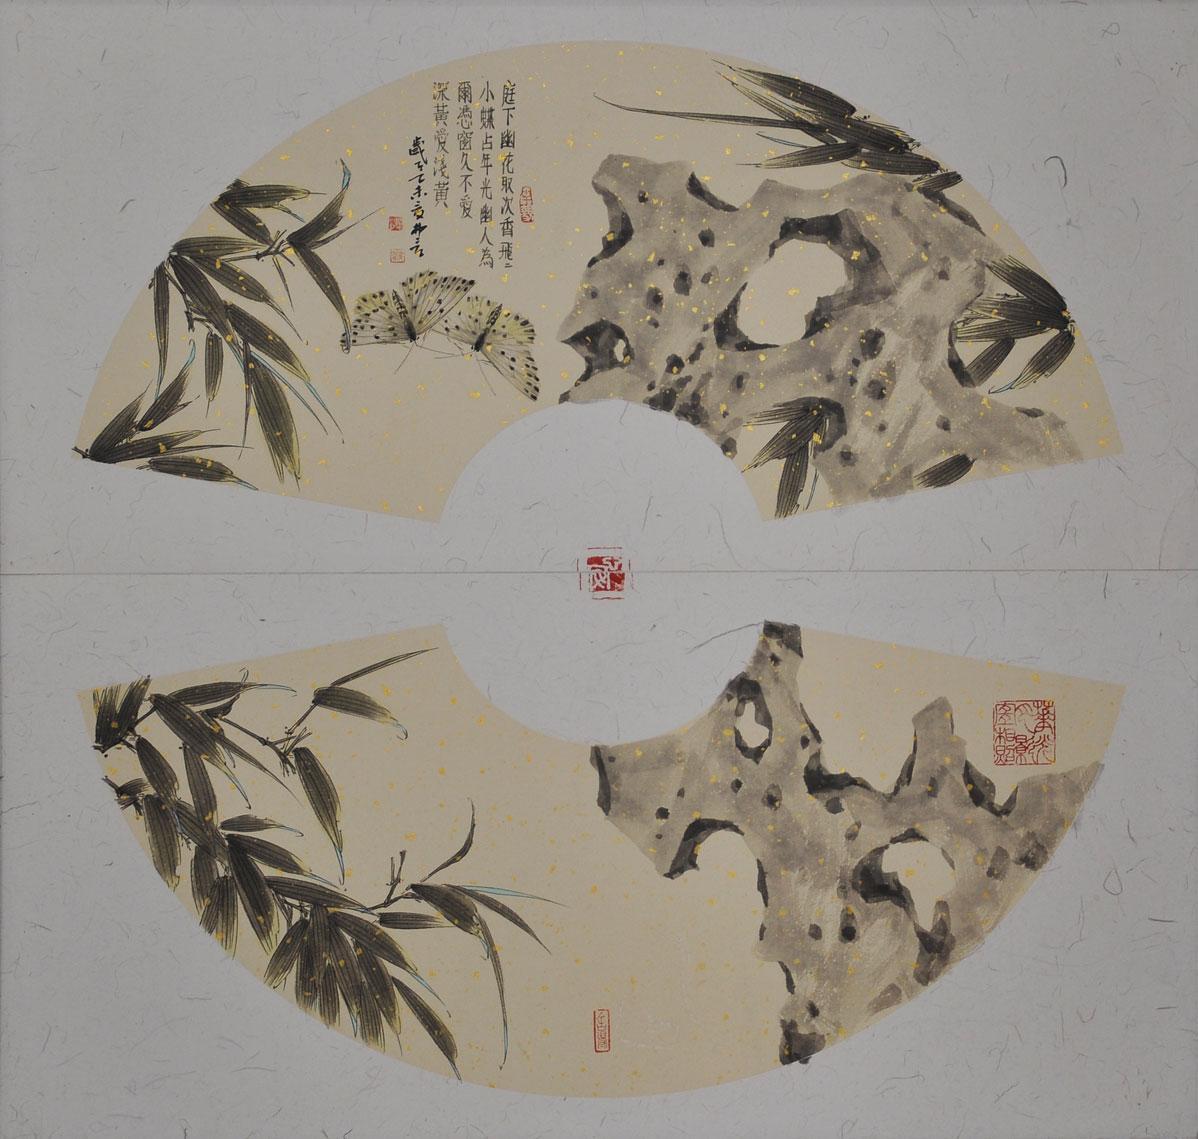 002 樊磊